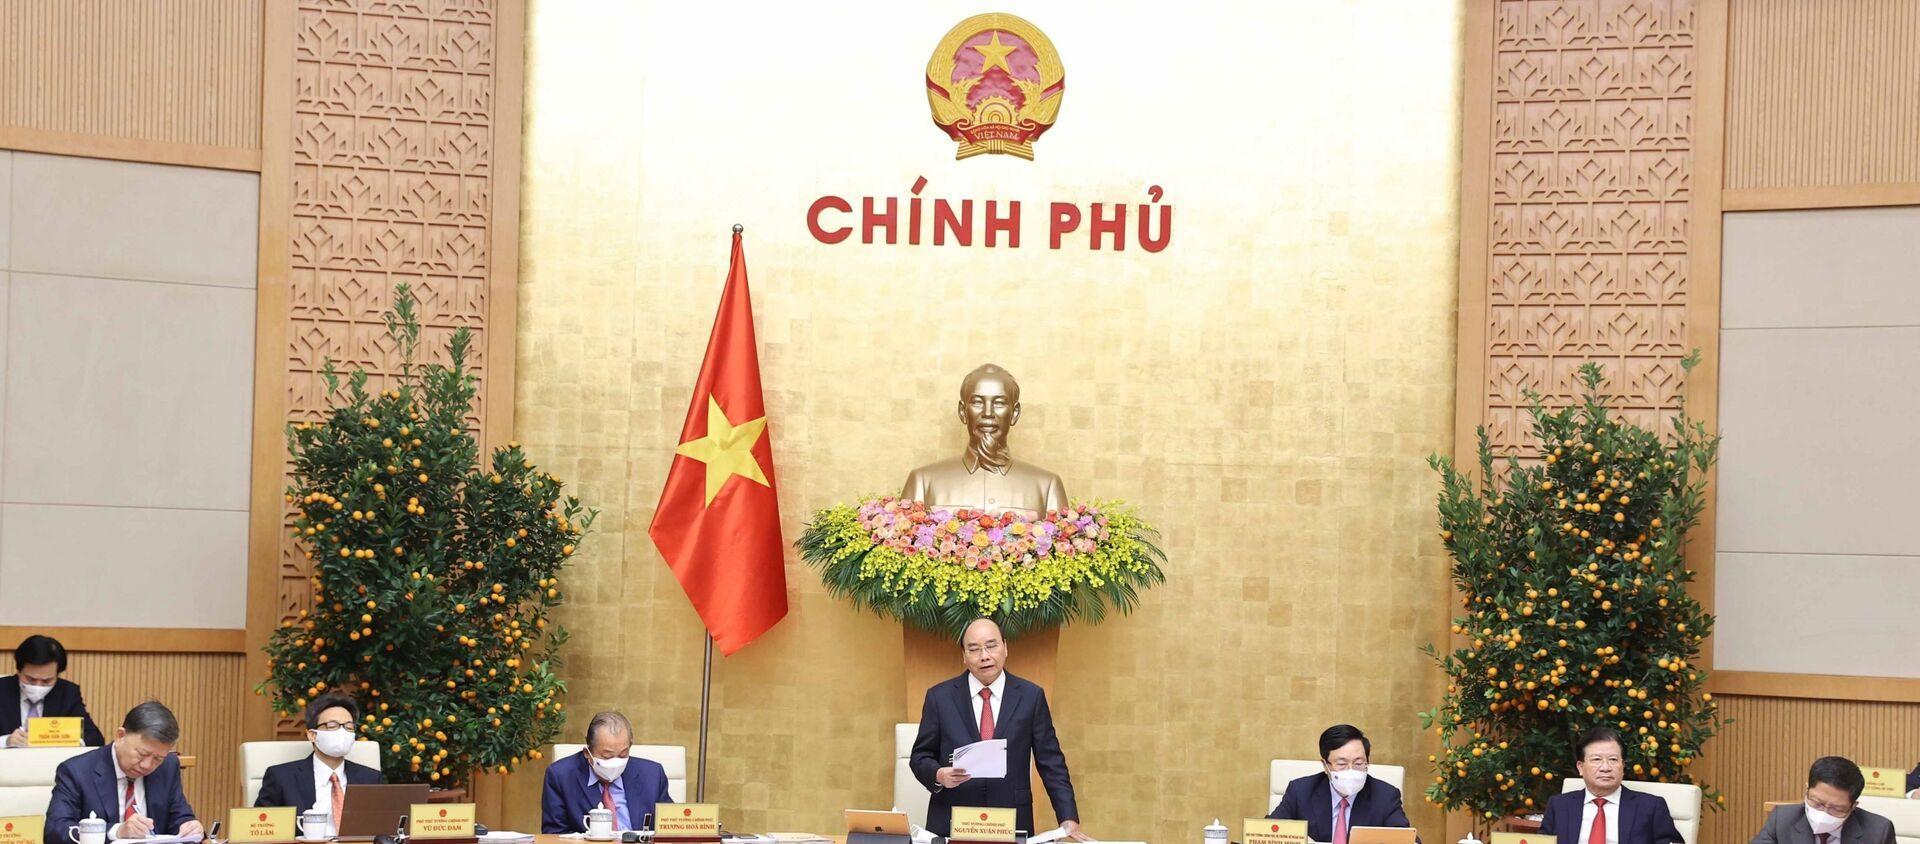 Thủ tướng Nguyễn Xuân Phúc chủ trì phiên họp Chính phủ thường kỳ tháng 2/2021 - Sputnik Việt Nam, 1920, 02.03.2021